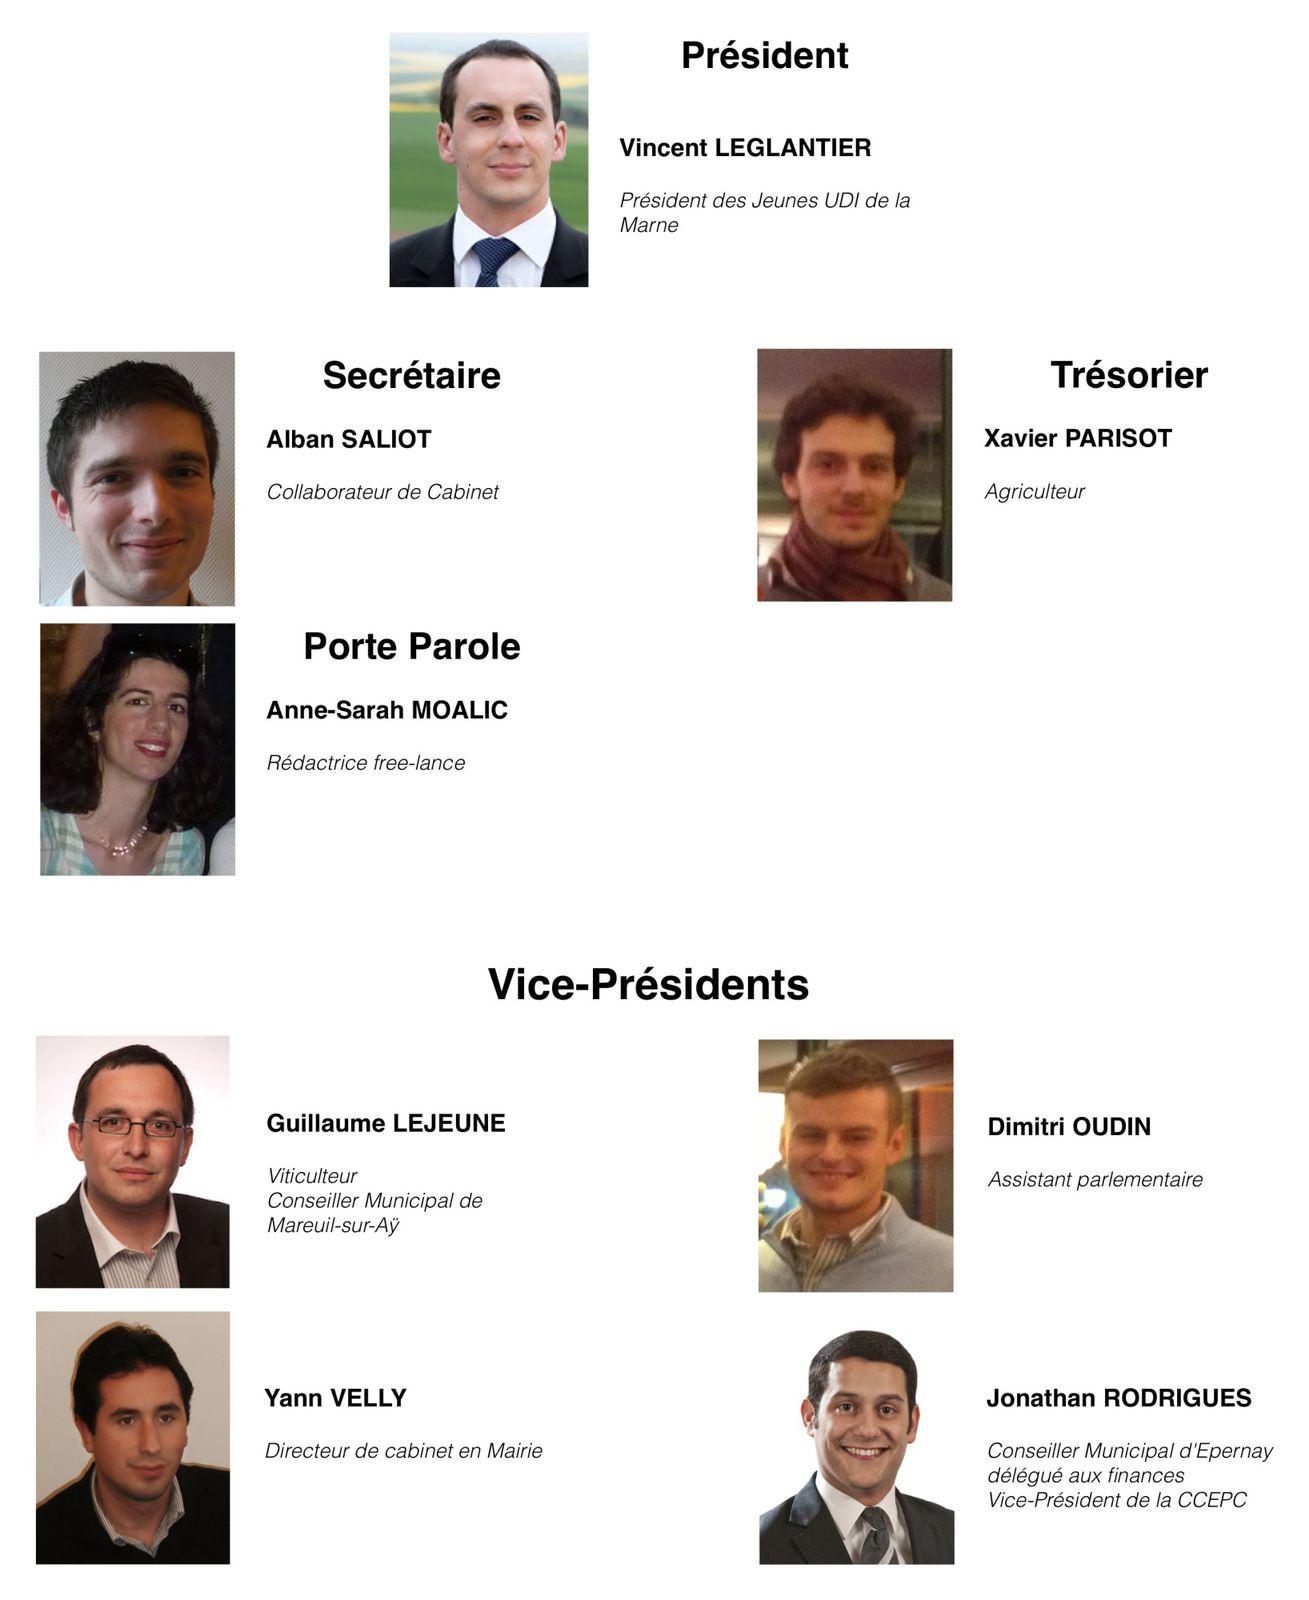 La fédération des Jeunes UDI de la Marne